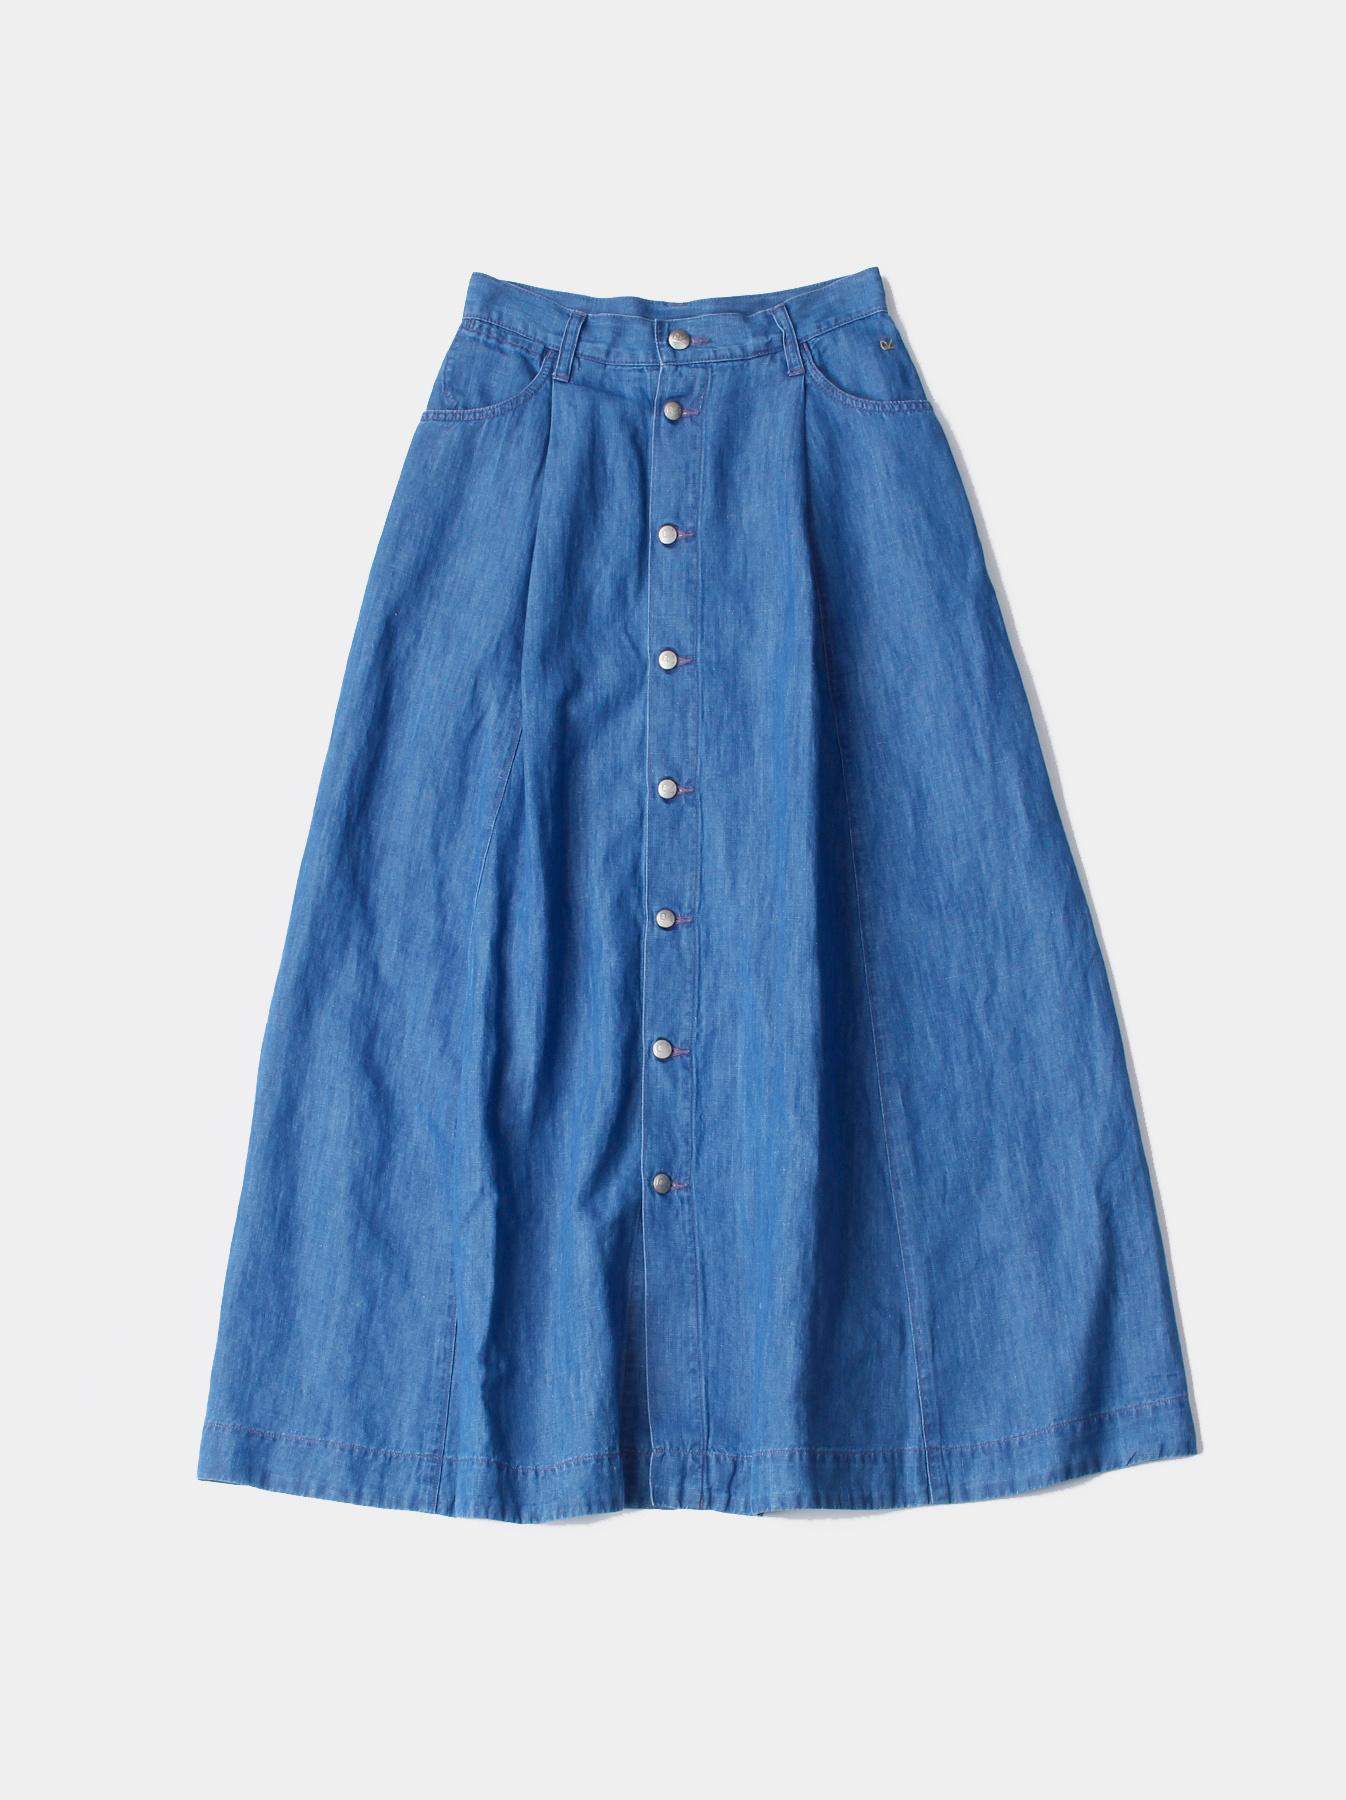 WH Cotton Linen Mon-petit Skirt-1